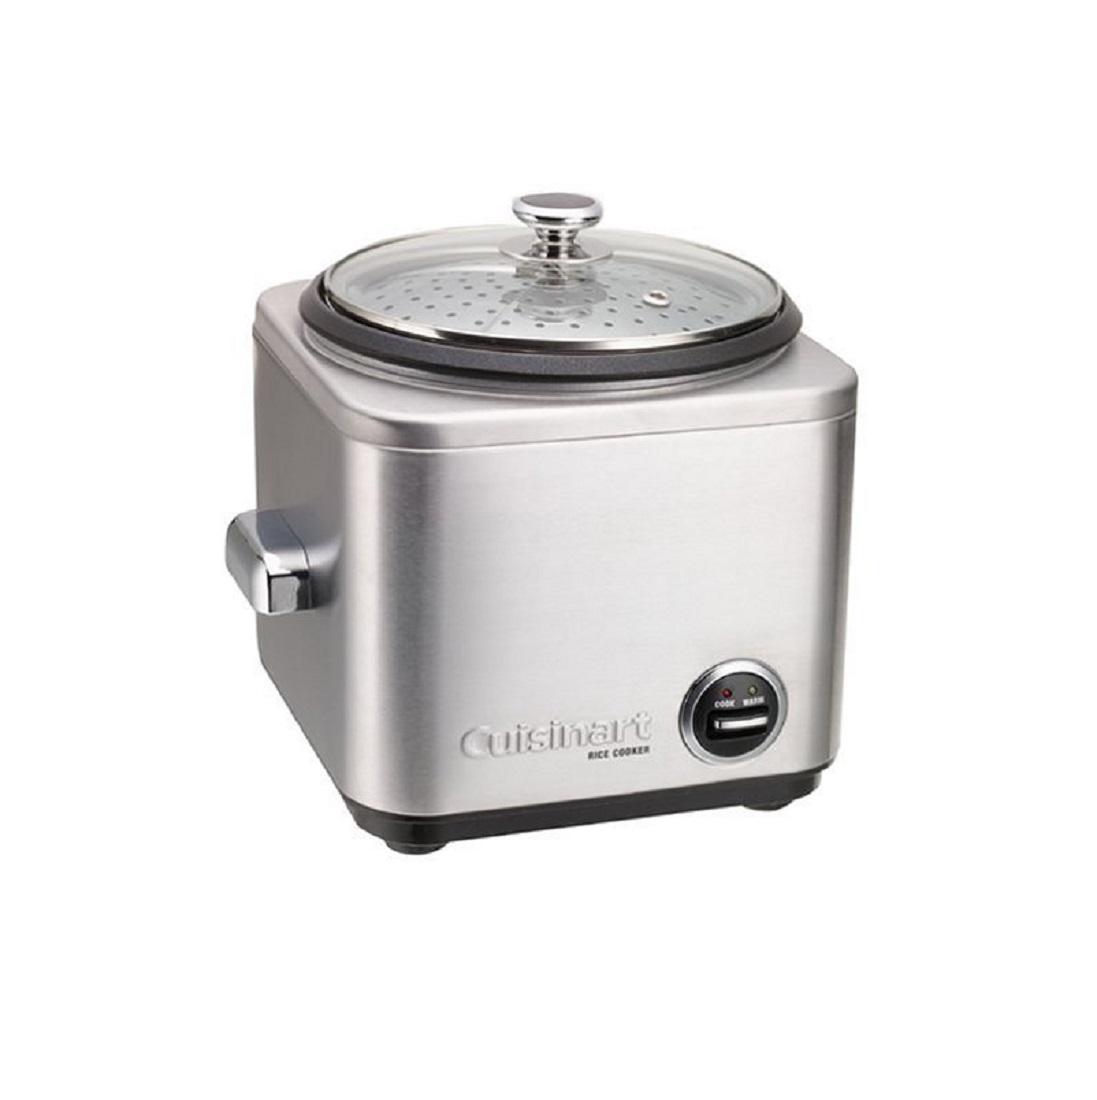 Онлайн каталог PROMENU: Рисоварка/кашеварка электрическая Cuisinart                               CRC800E